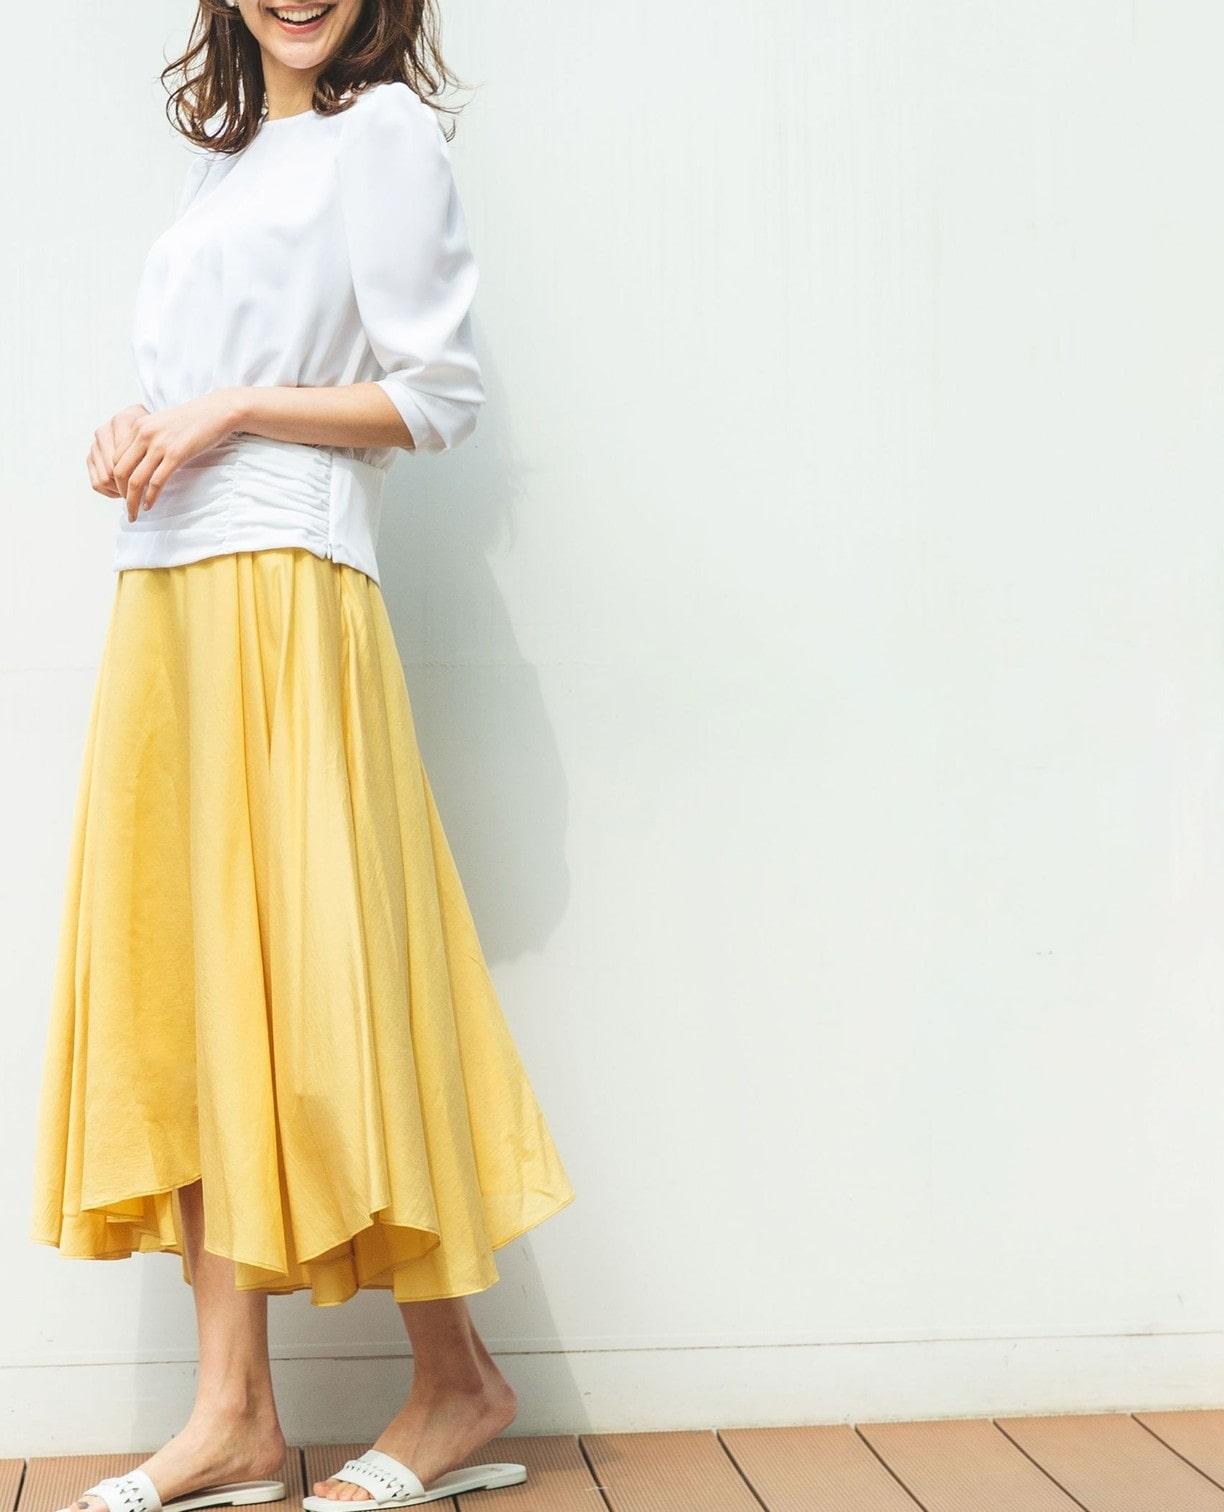 シアー量感フレアースカート